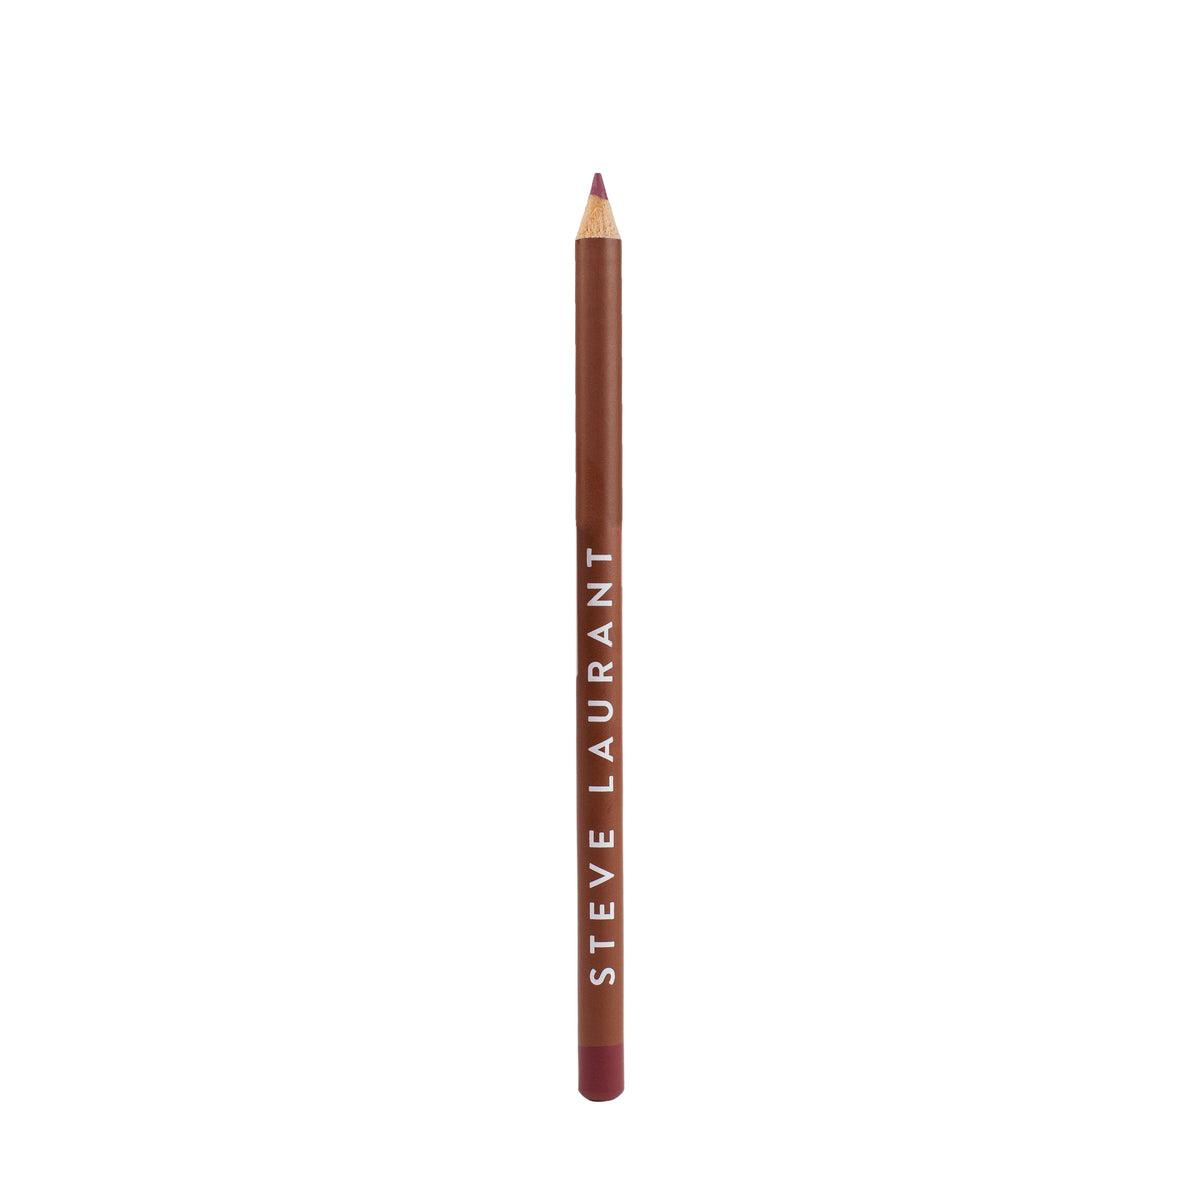 Steve Laurant - Vogue Lip Liner